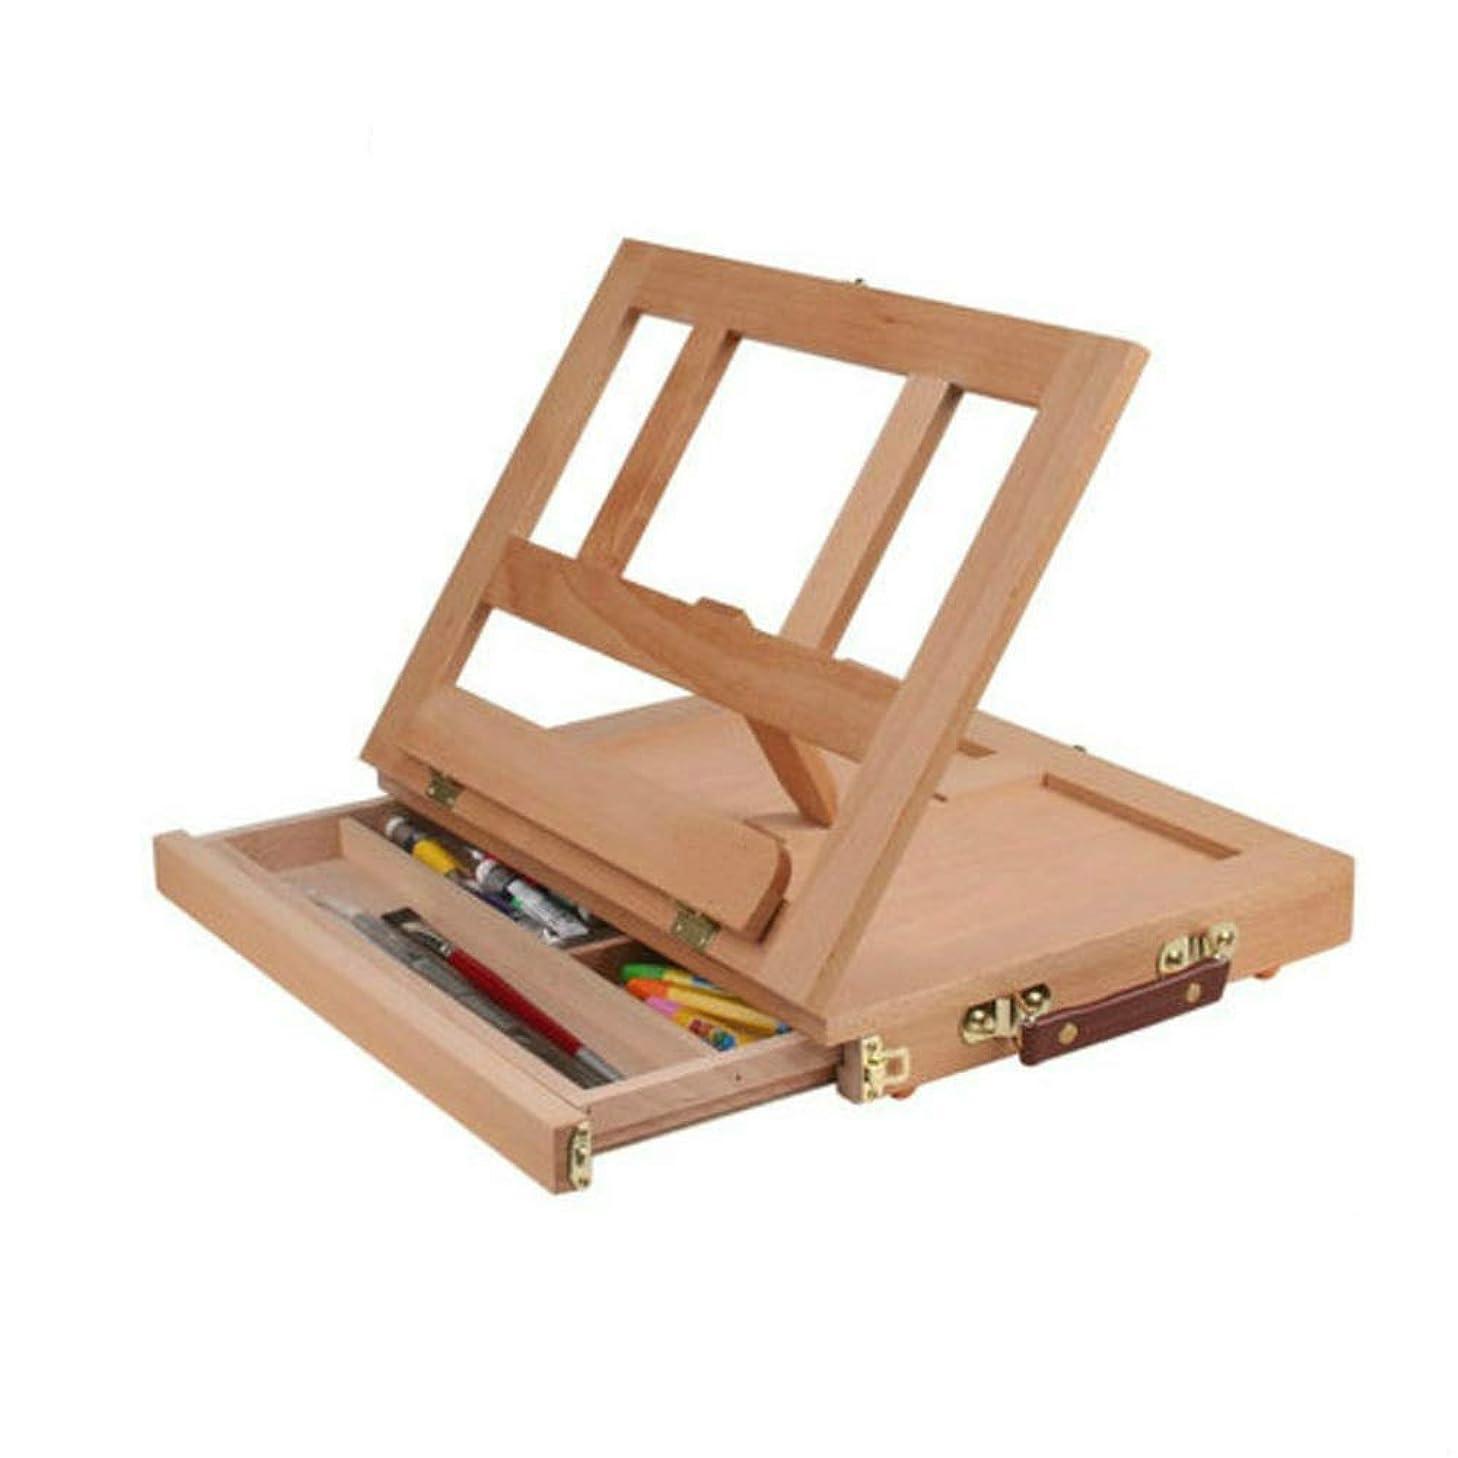 バブル馬鹿意図するイーゼル 油絵イーゼル調節可能木製テーブルイーゼル付きの引き出しボックスポータブルハードウェアのアート用品木の色 調整と使用が簡単 (色 : Burlywood, Size : One size)